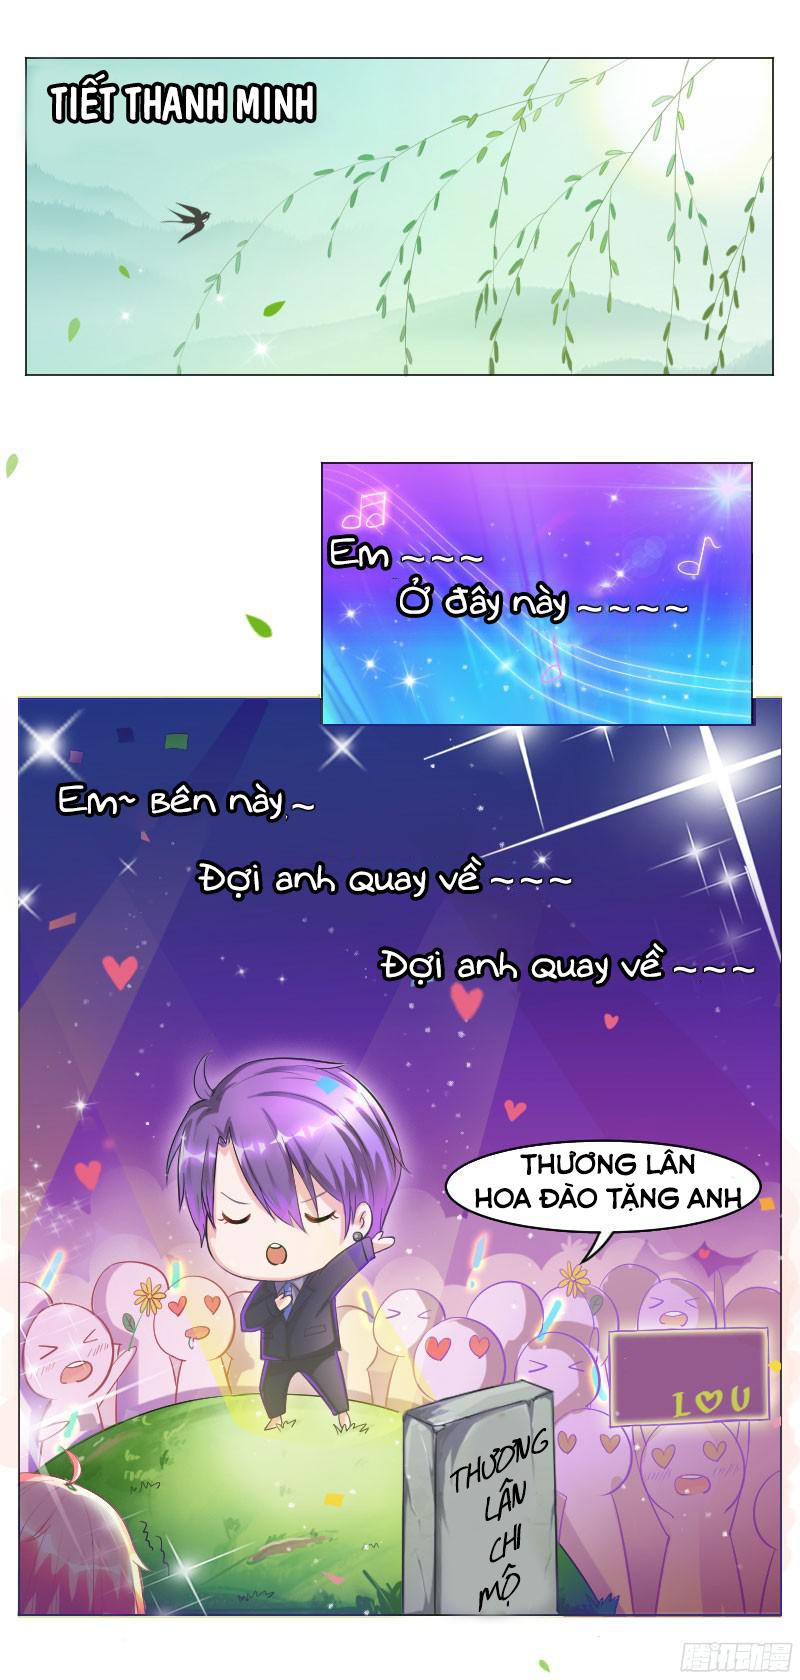 Hung Mãnh Quỷ Phu Bà Thượng Sàng chap 0 - Trang 1